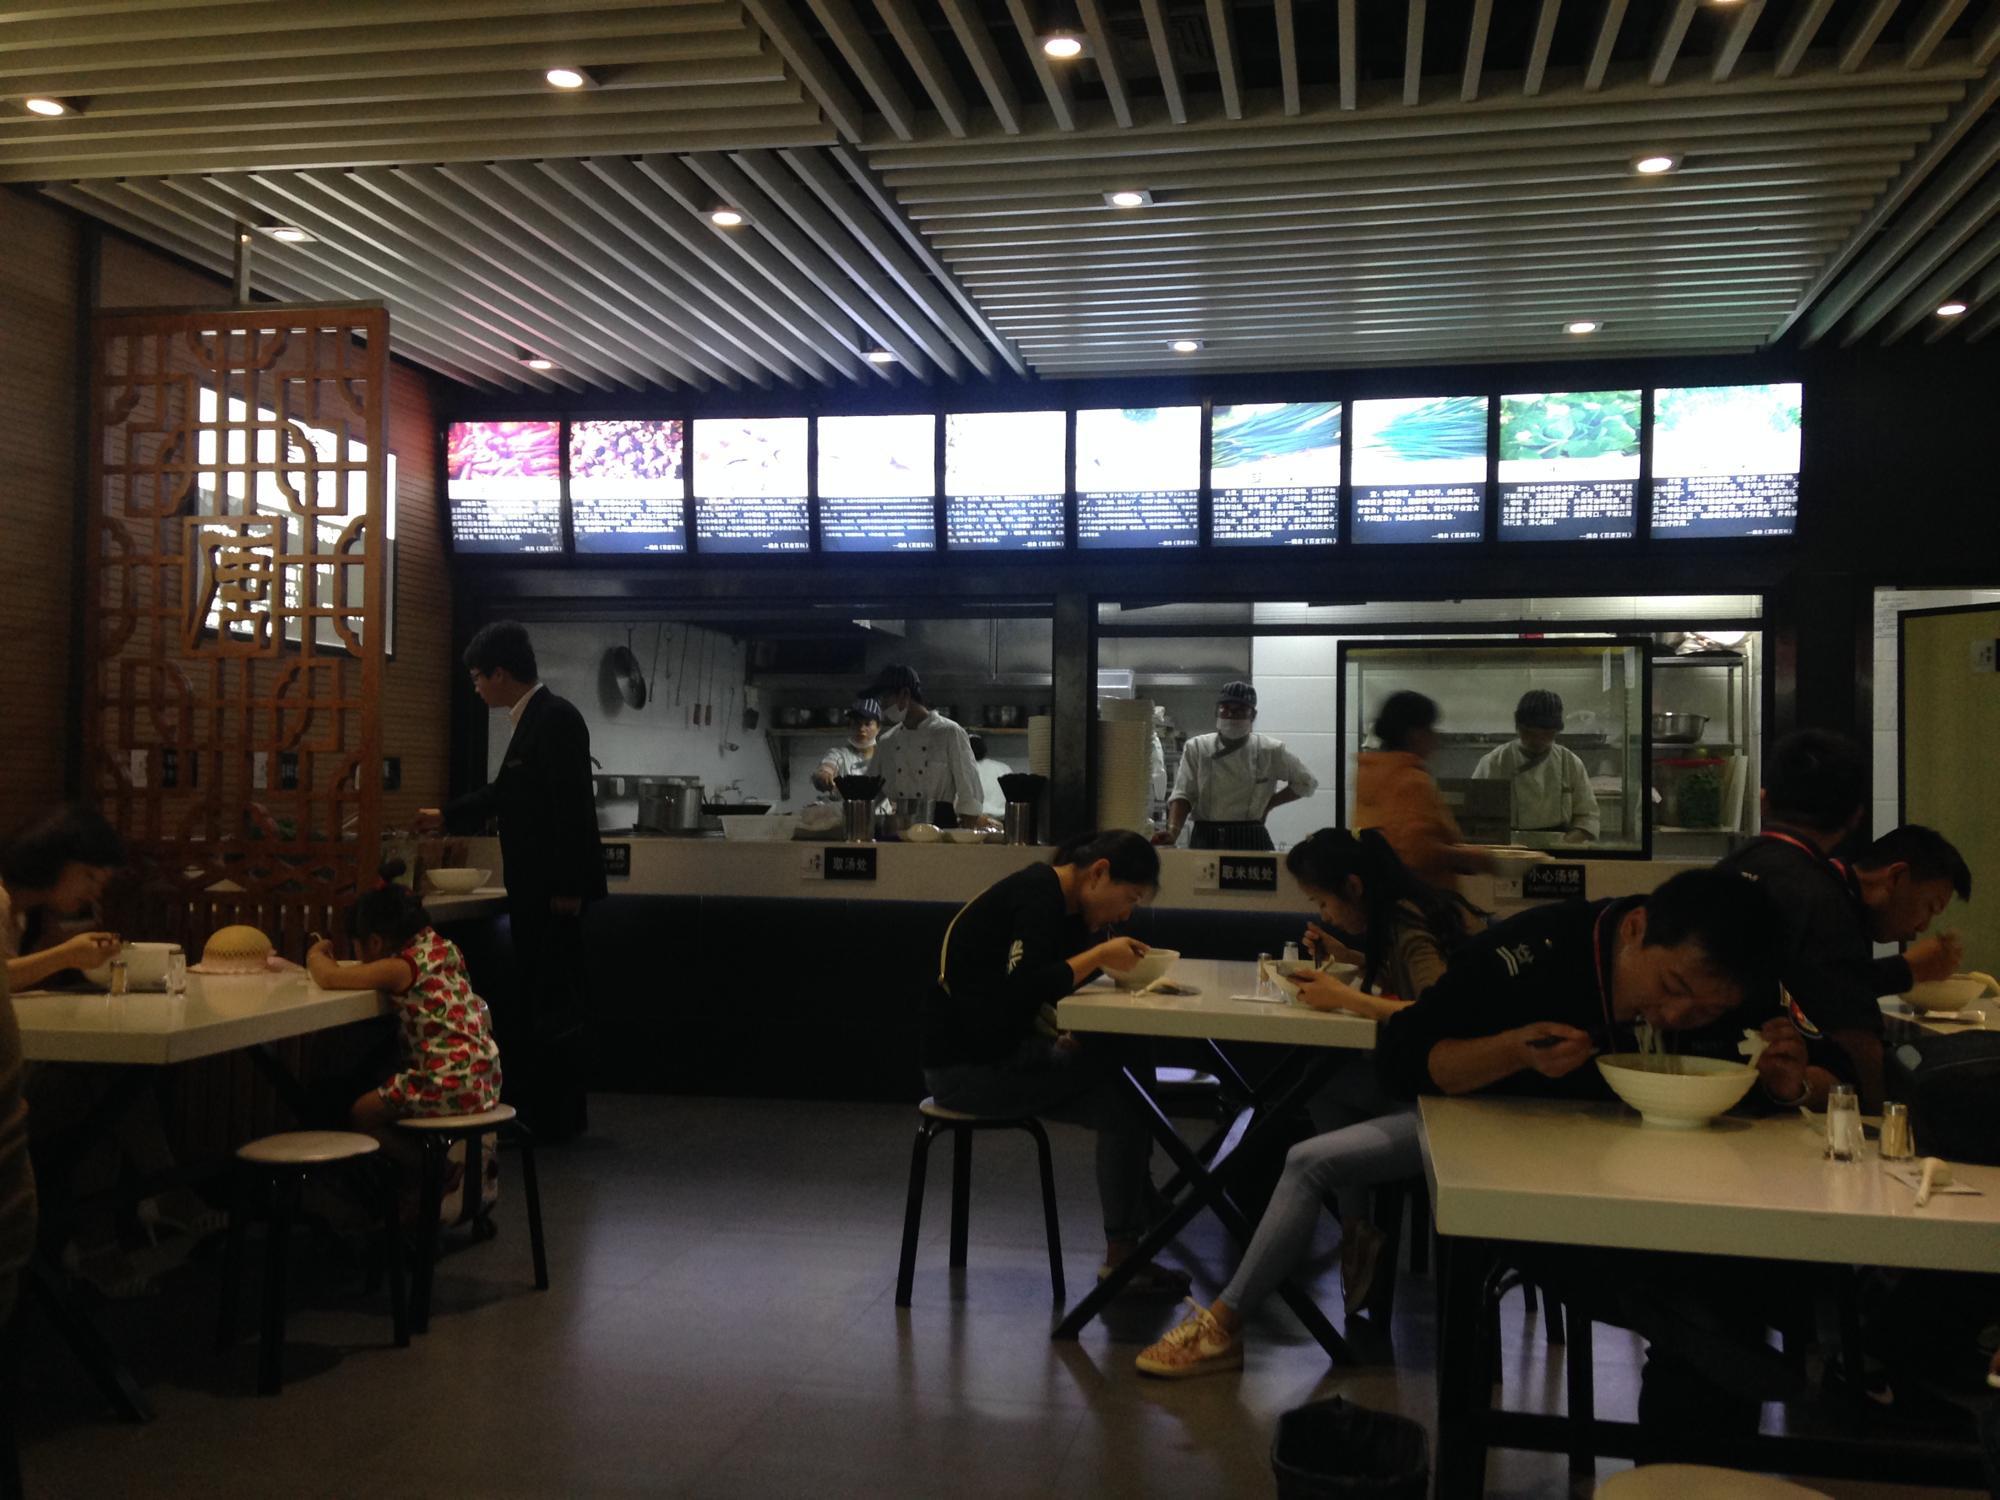 昆明長水国際空港 食事